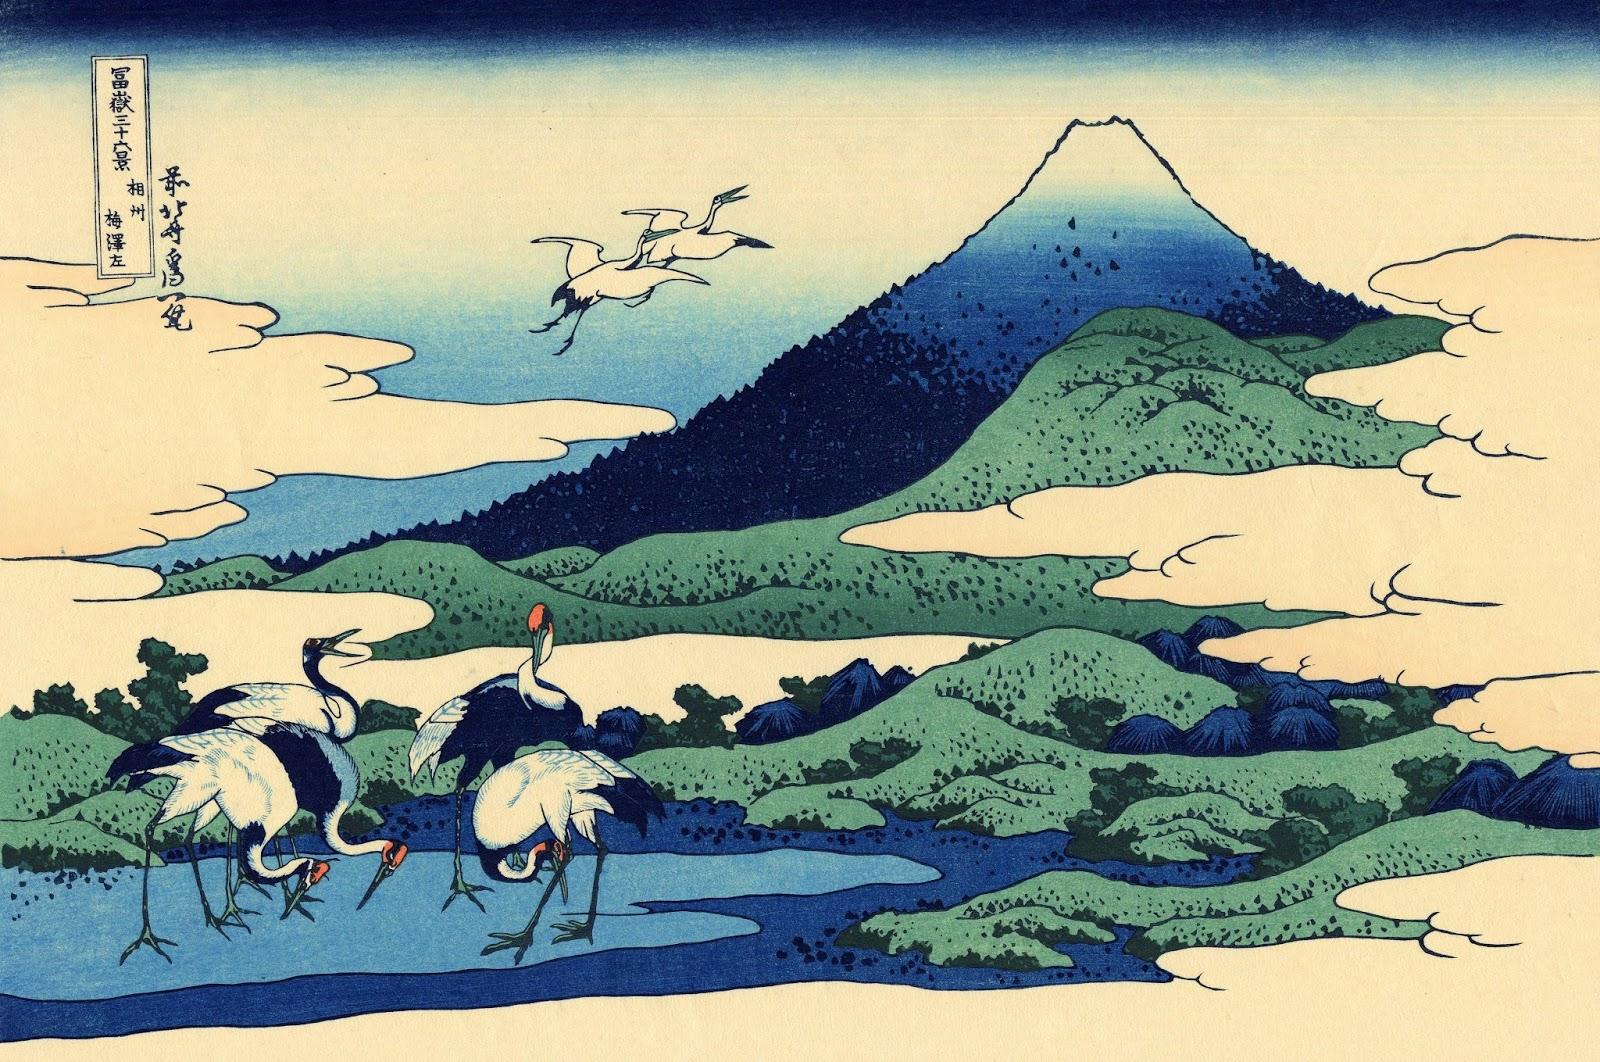 hokusai katsushika The works of japanese painter hokusai set to traditional japanese music i had to loop the music forgive me.